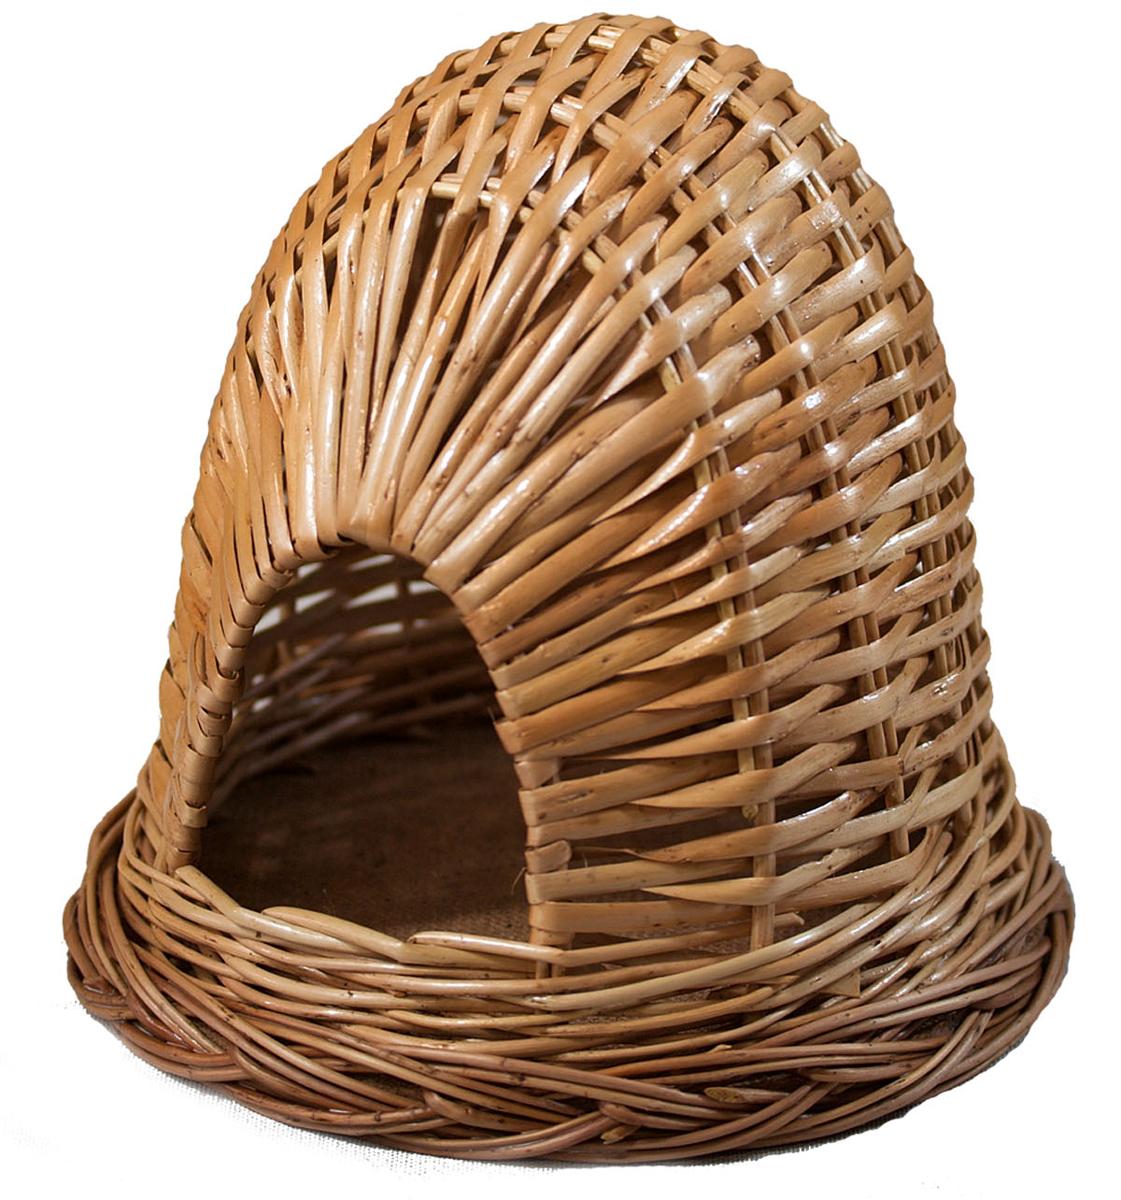 Домик для хомячка из лозы №2 17,5х17,5х17FIDB-9031Домик, плетеный из лозы. Ручная работа. Натуральный ивовый прут.